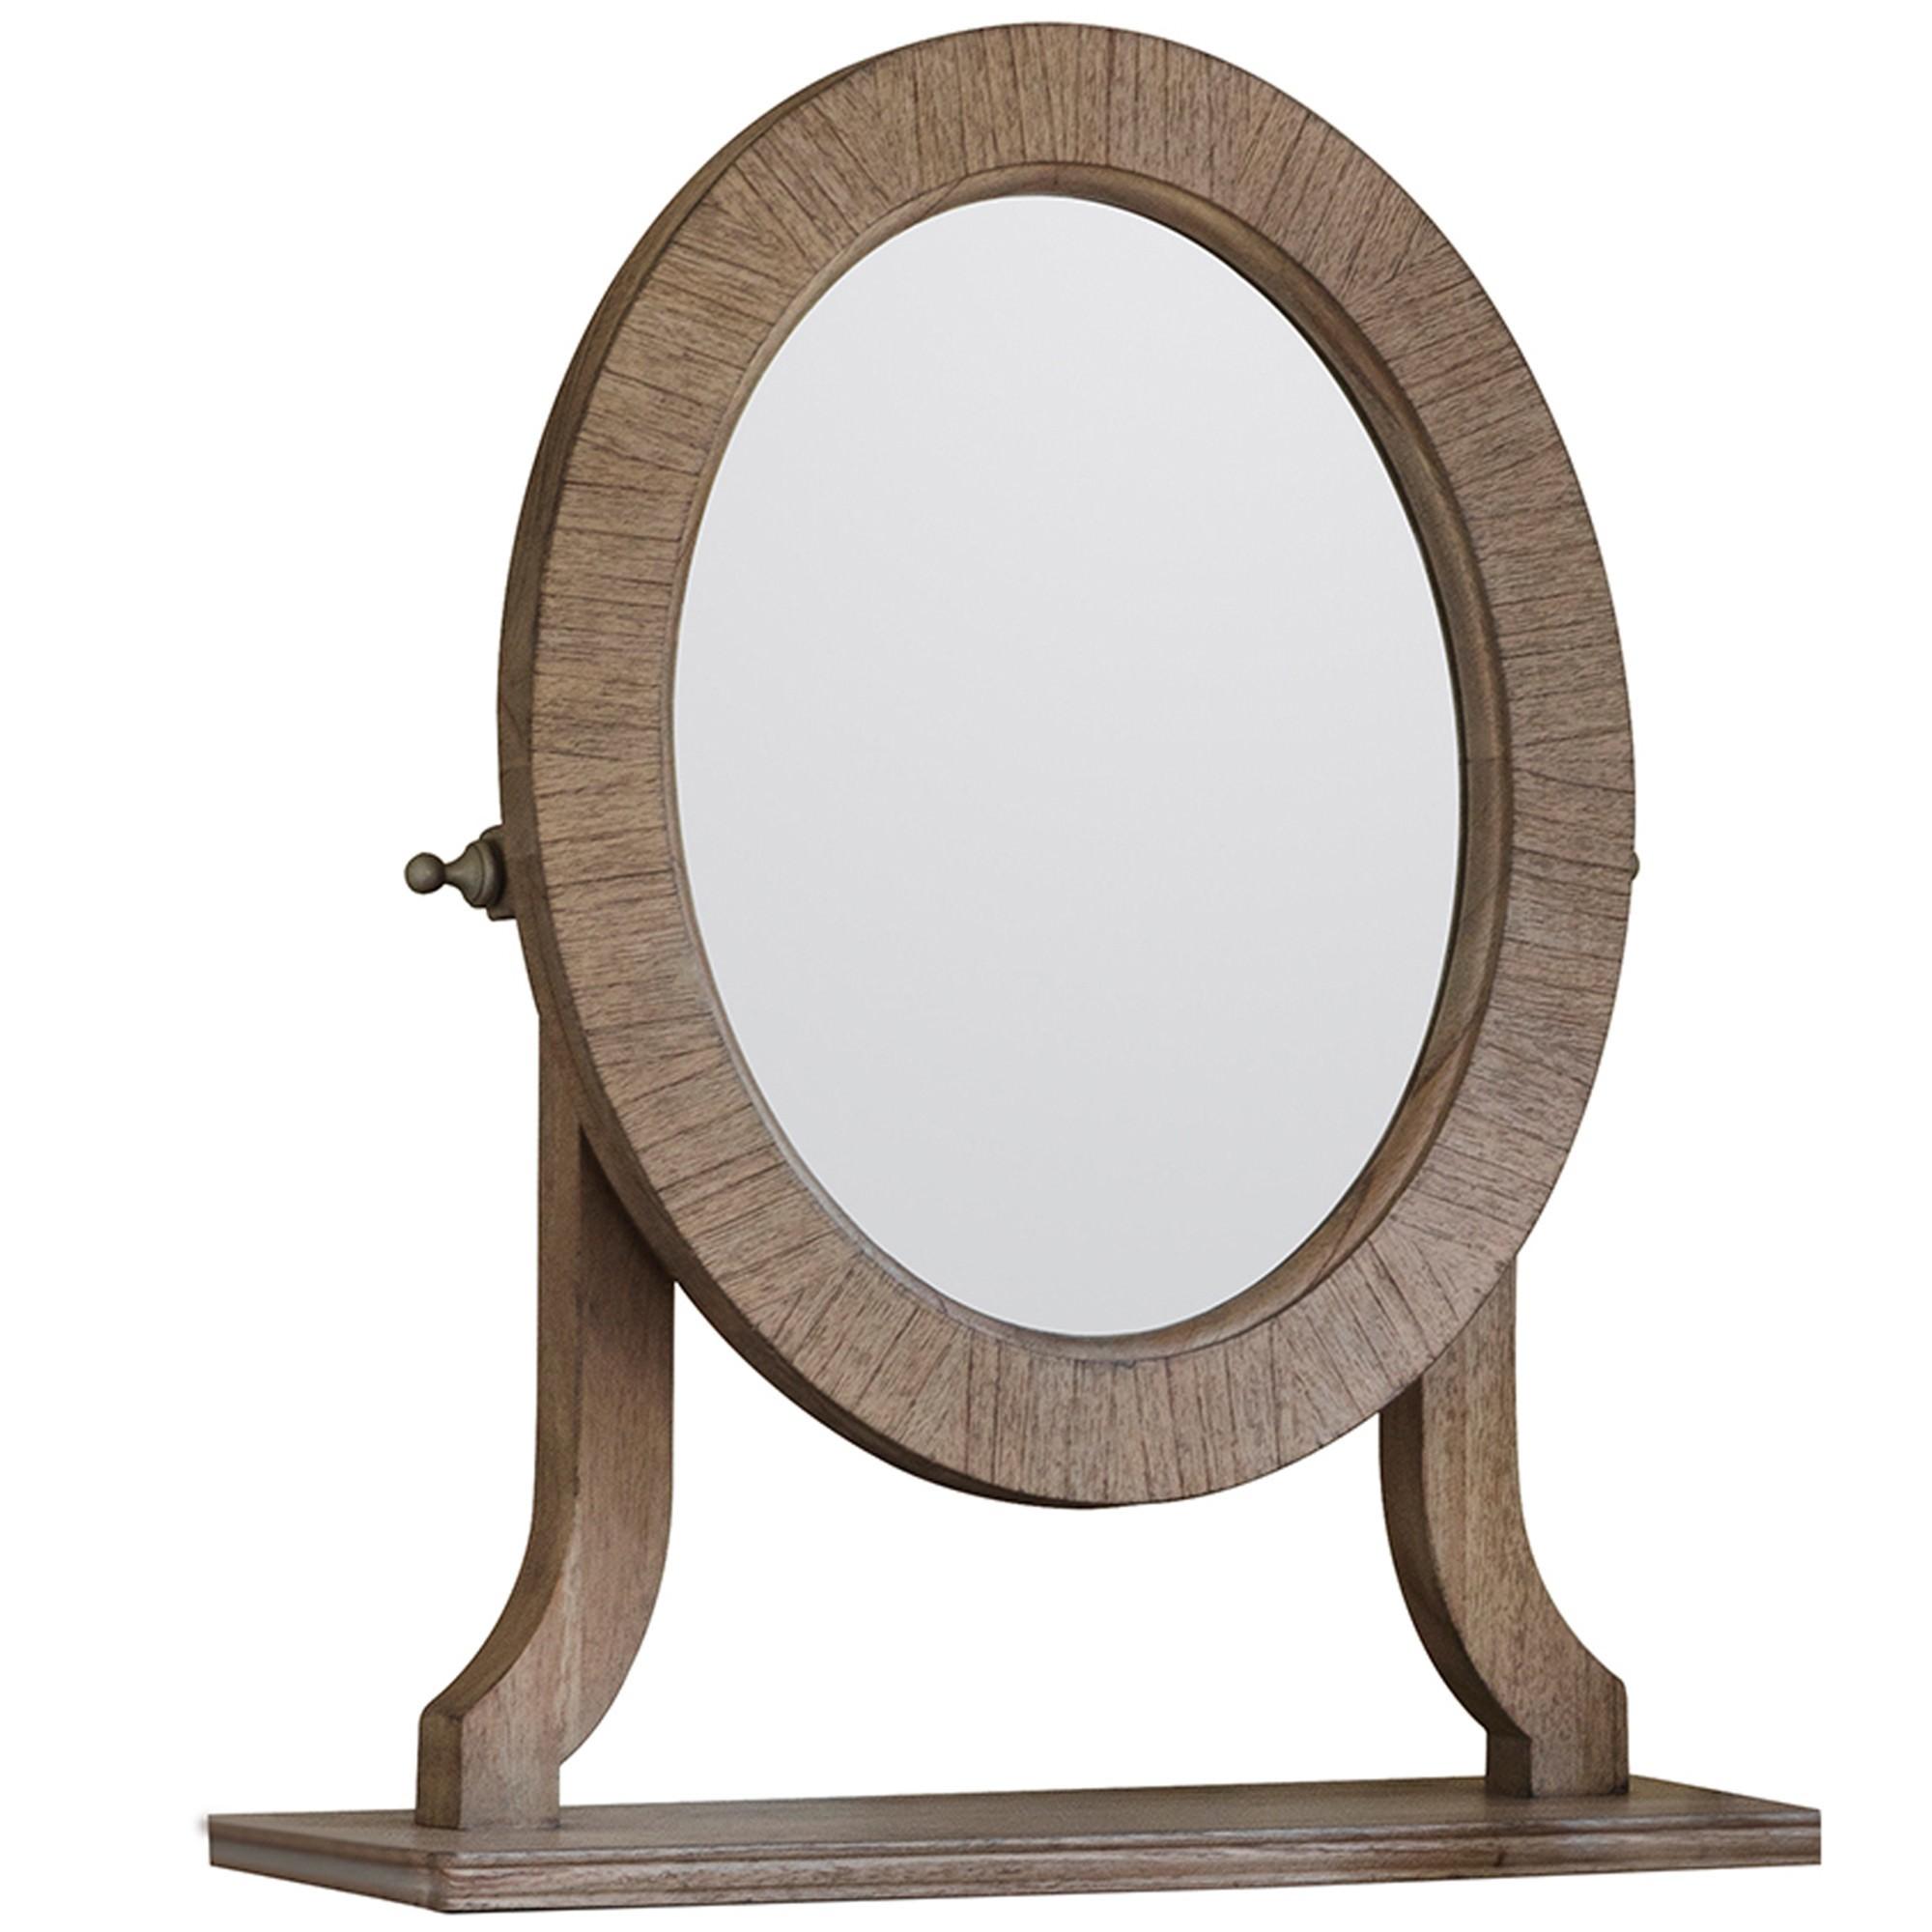 Mirren Mindy Ash Timber Dressing Table Mirror